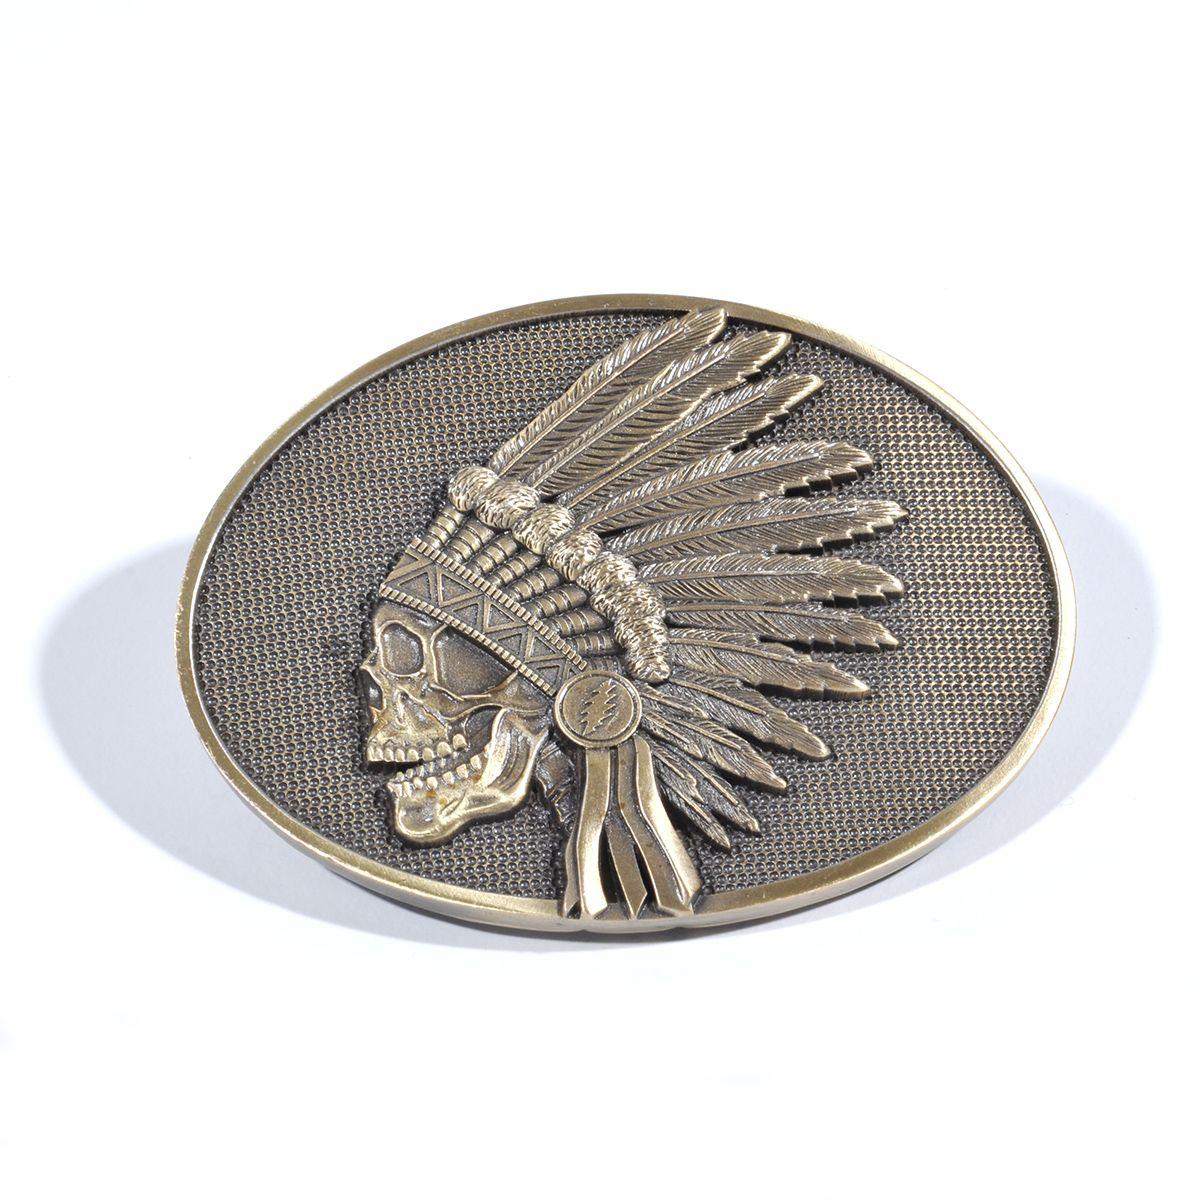 449854c184 Grateful Dead X Wes Lang: Indian Skull Brass Belt Buckle | Grateful Dead